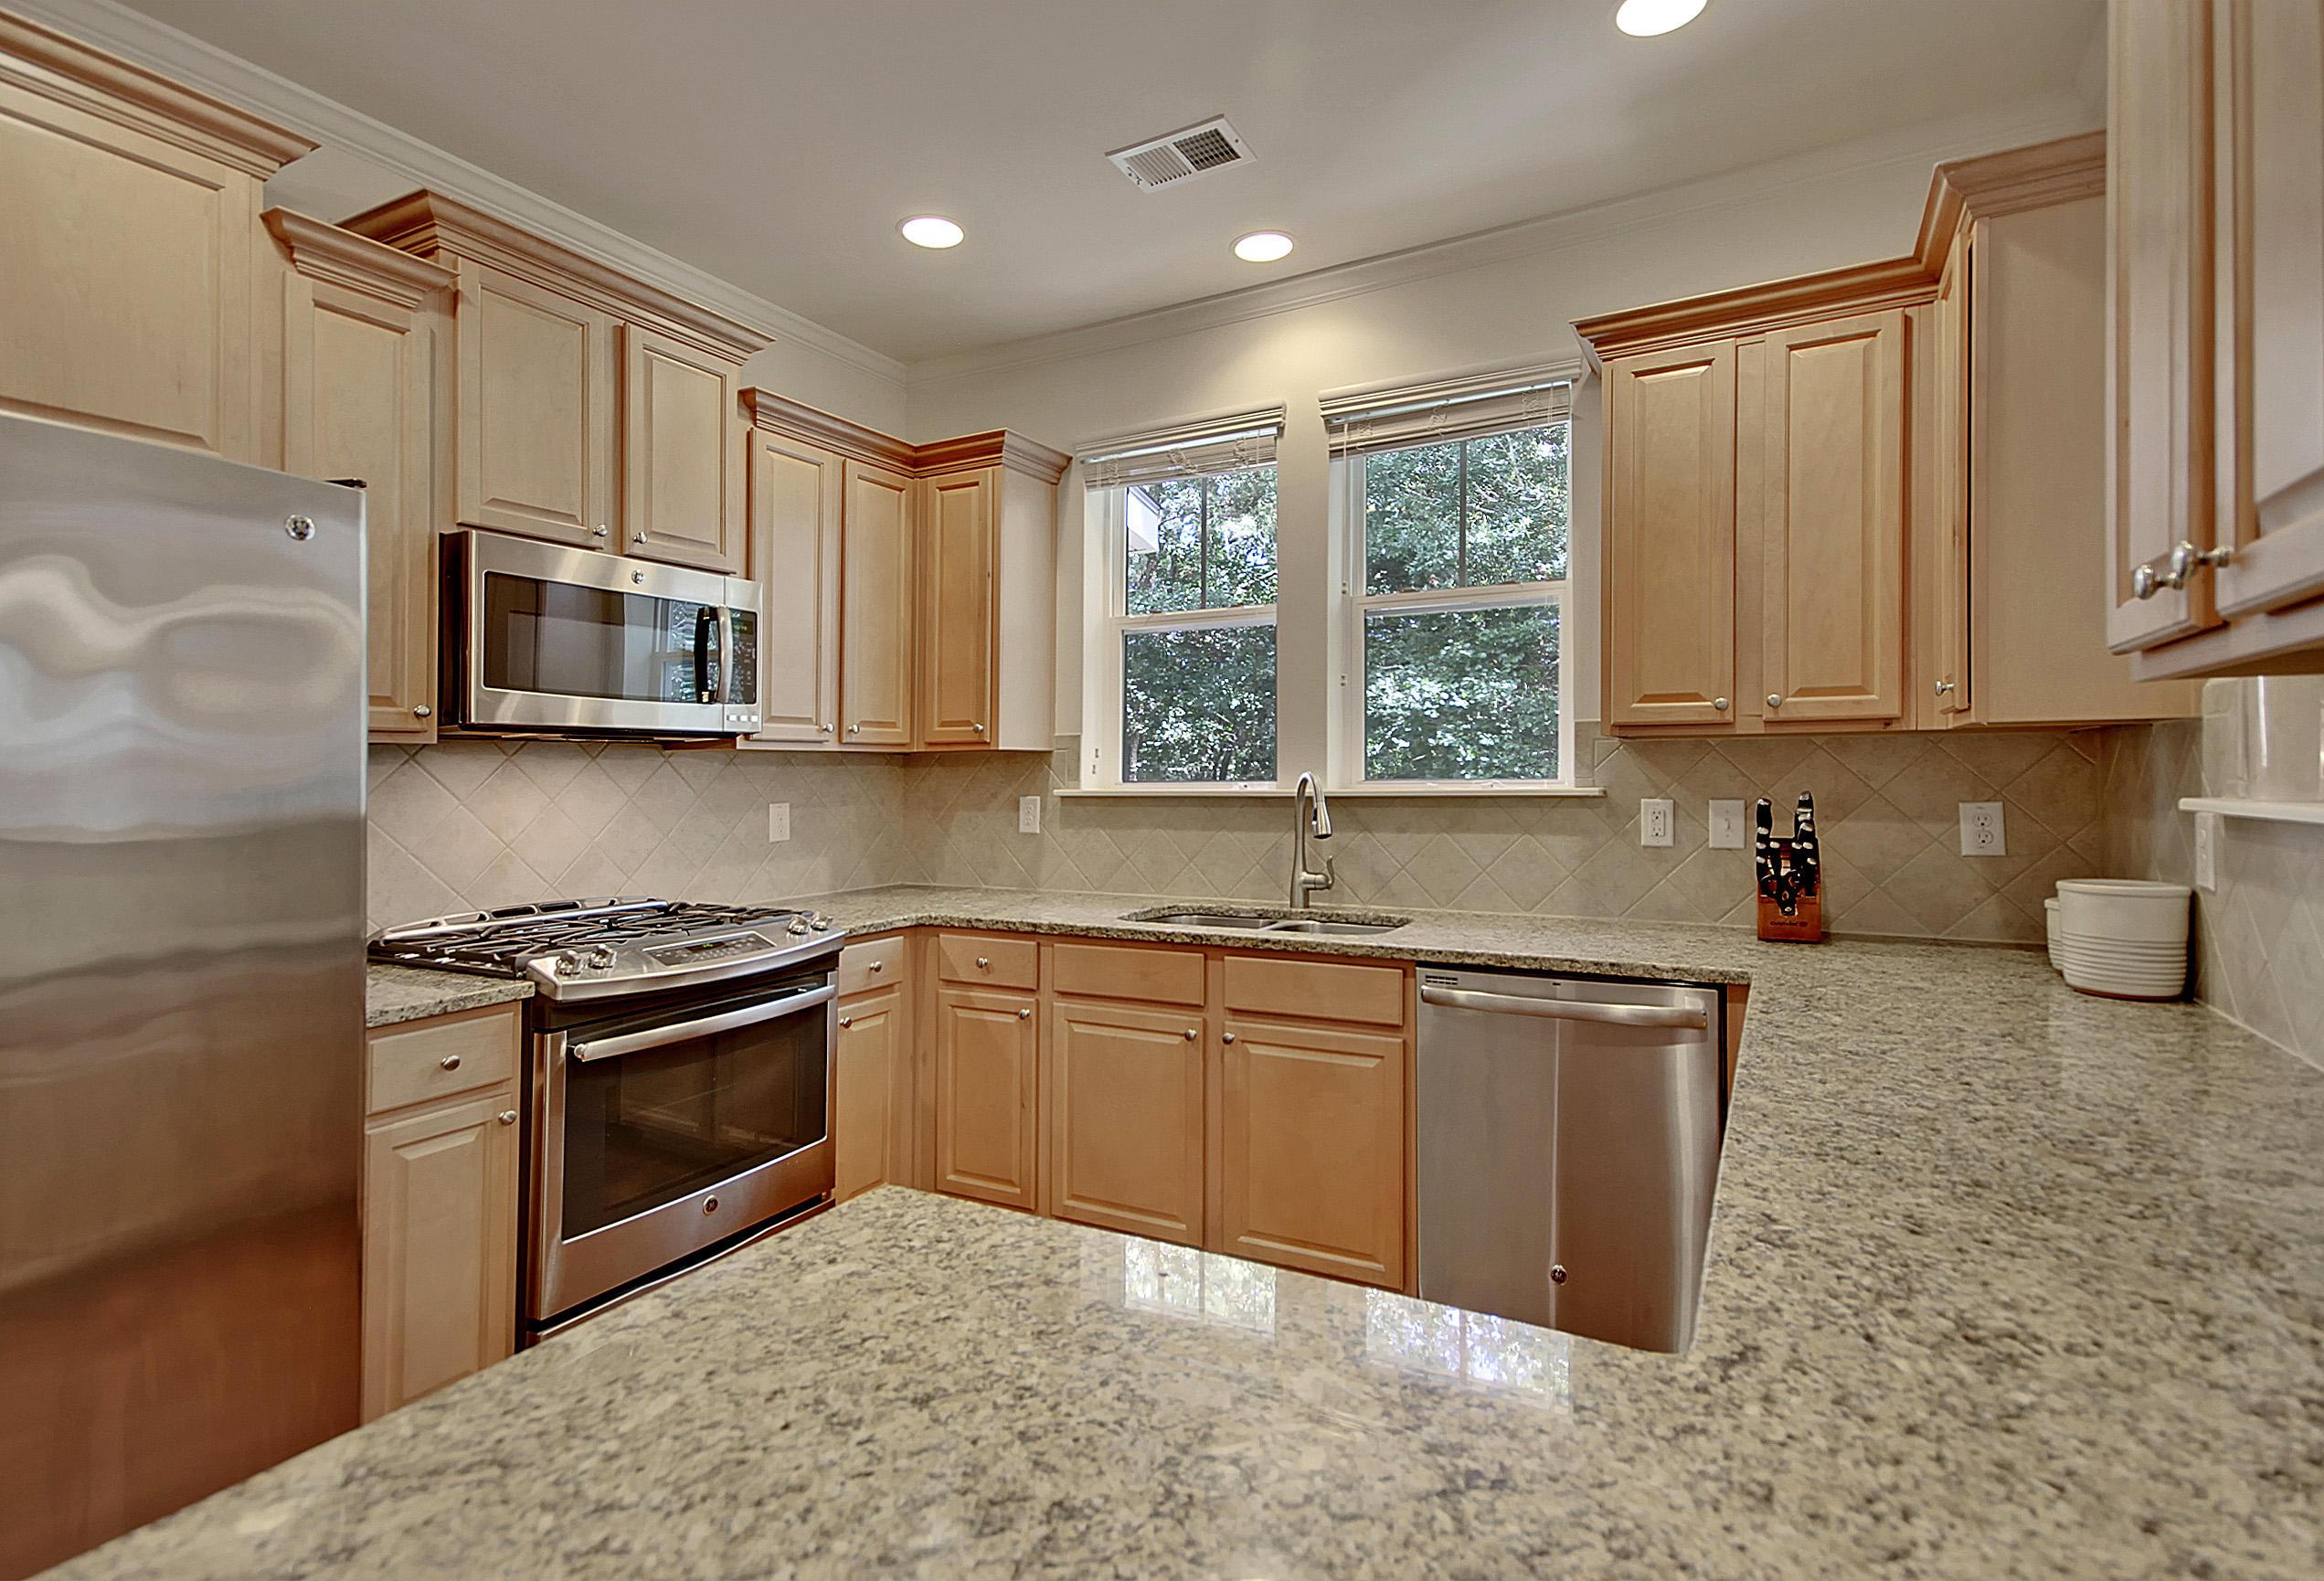 Royal Palms Homes For Sale - 1273 Dingle, Mount Pleasant, SC - 14